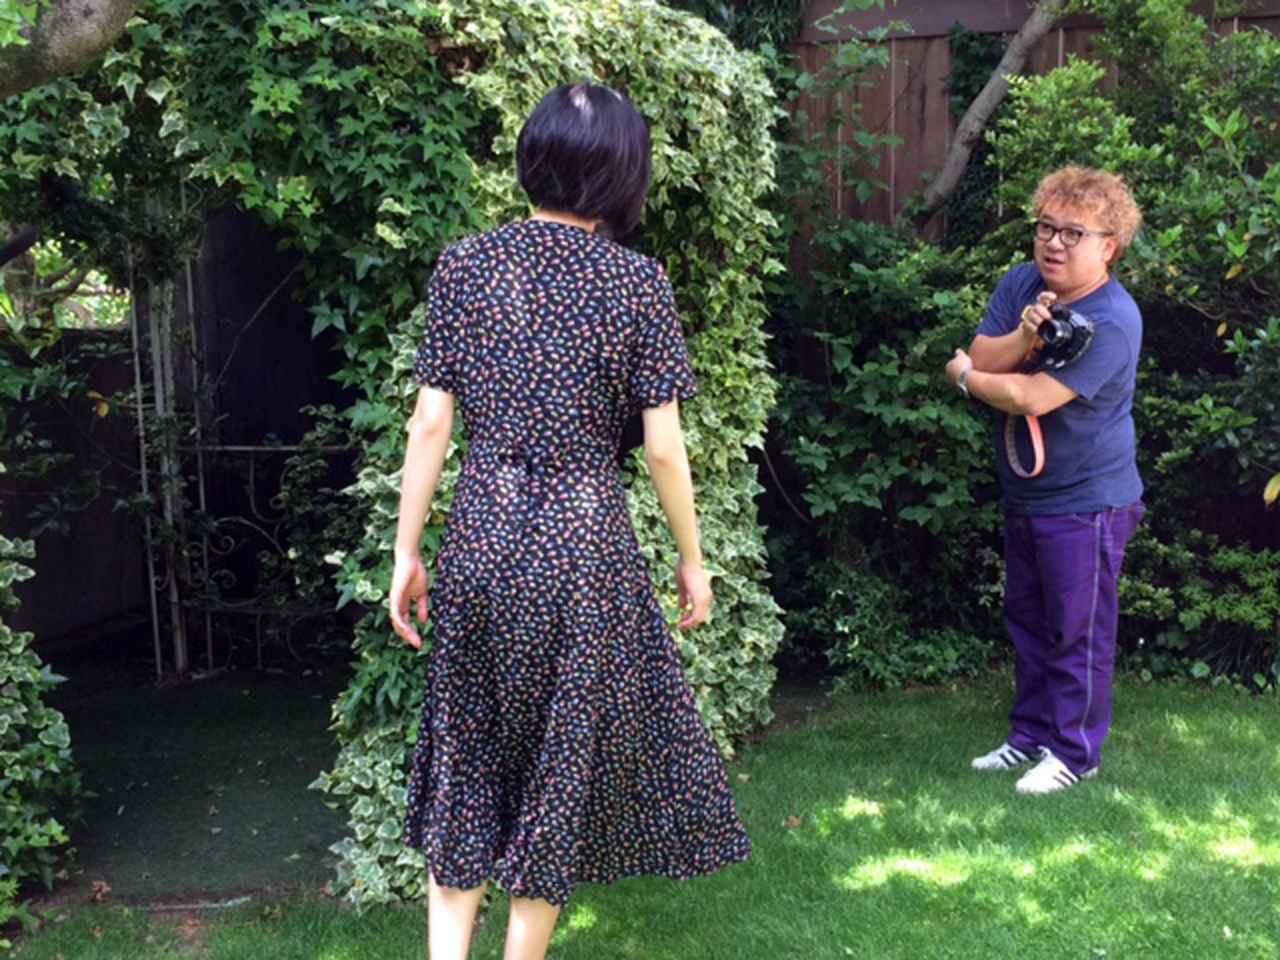 画像: カバーガールは初登場の女優さんです。背が高く、美人&キュート&フレンドリー!!